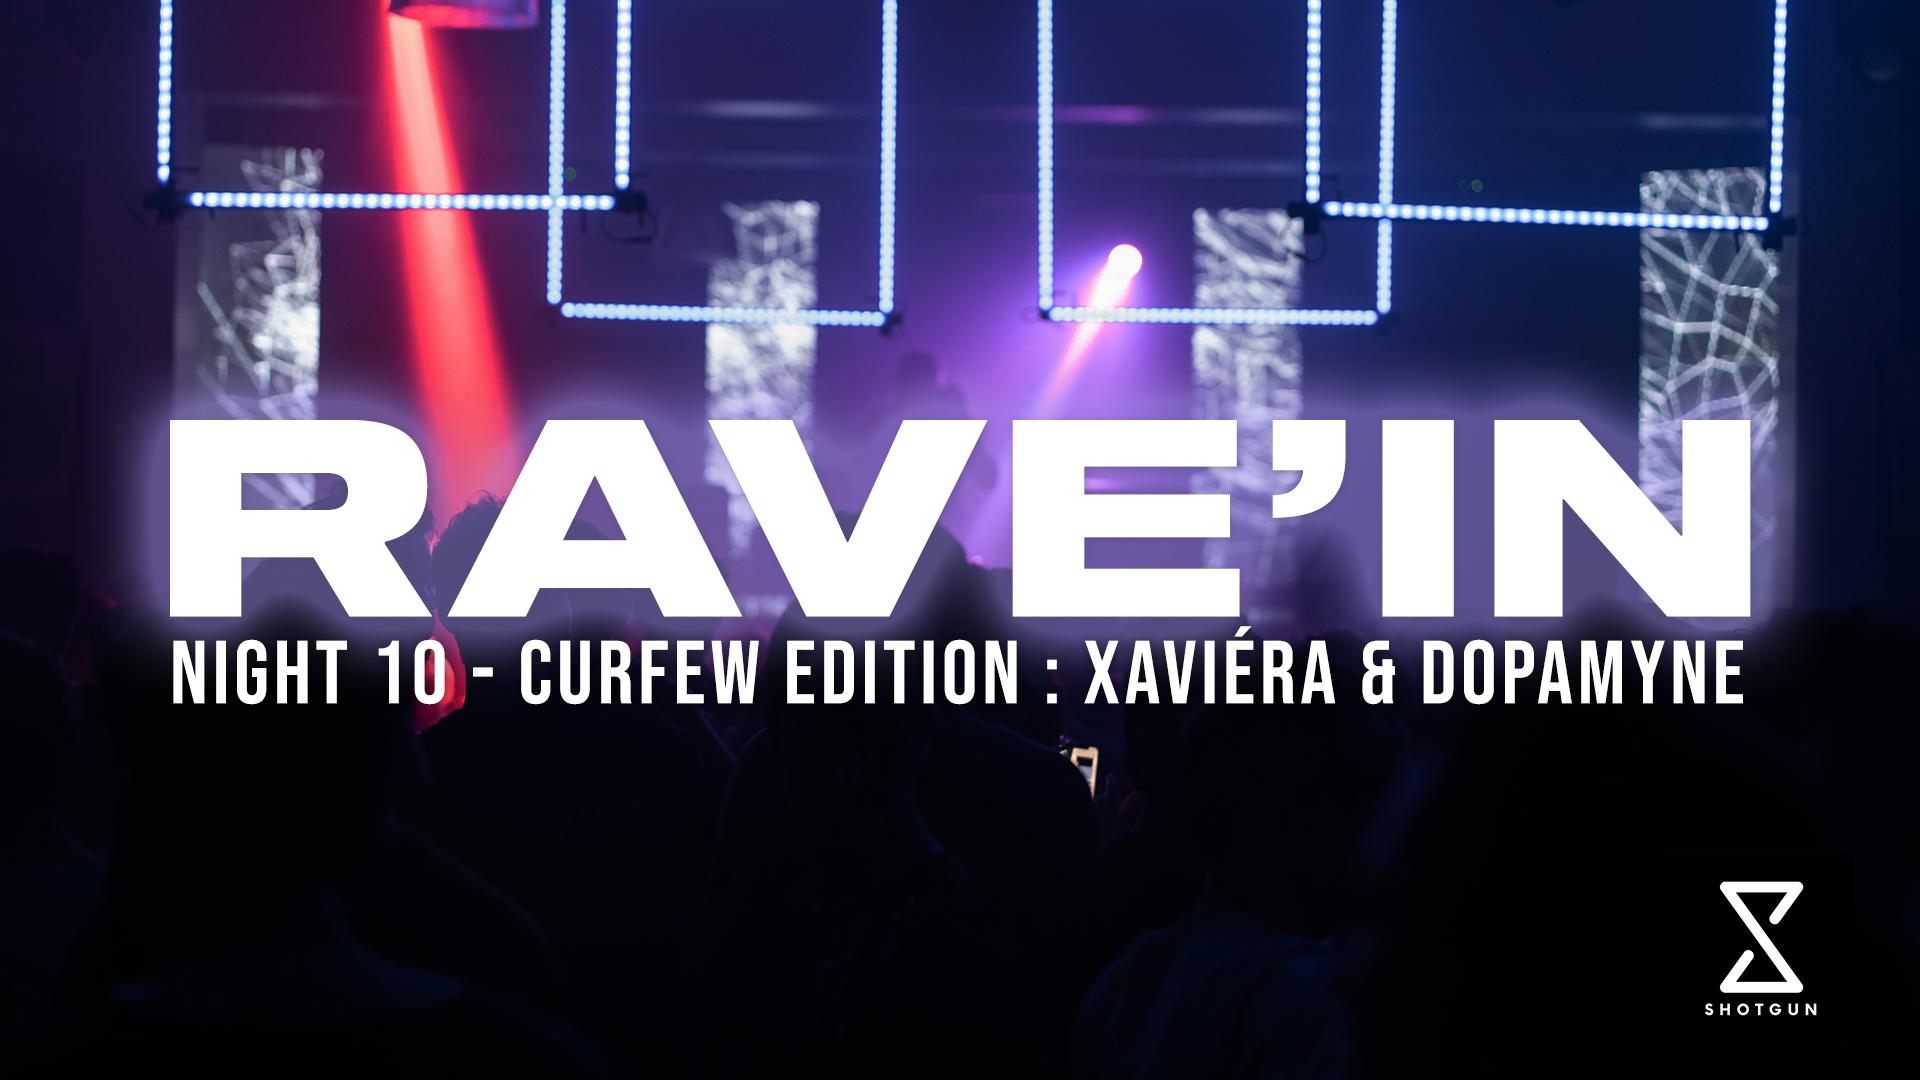 RAVE'IN 10 - Curfew Edition : Xaviéra & Dopamyne